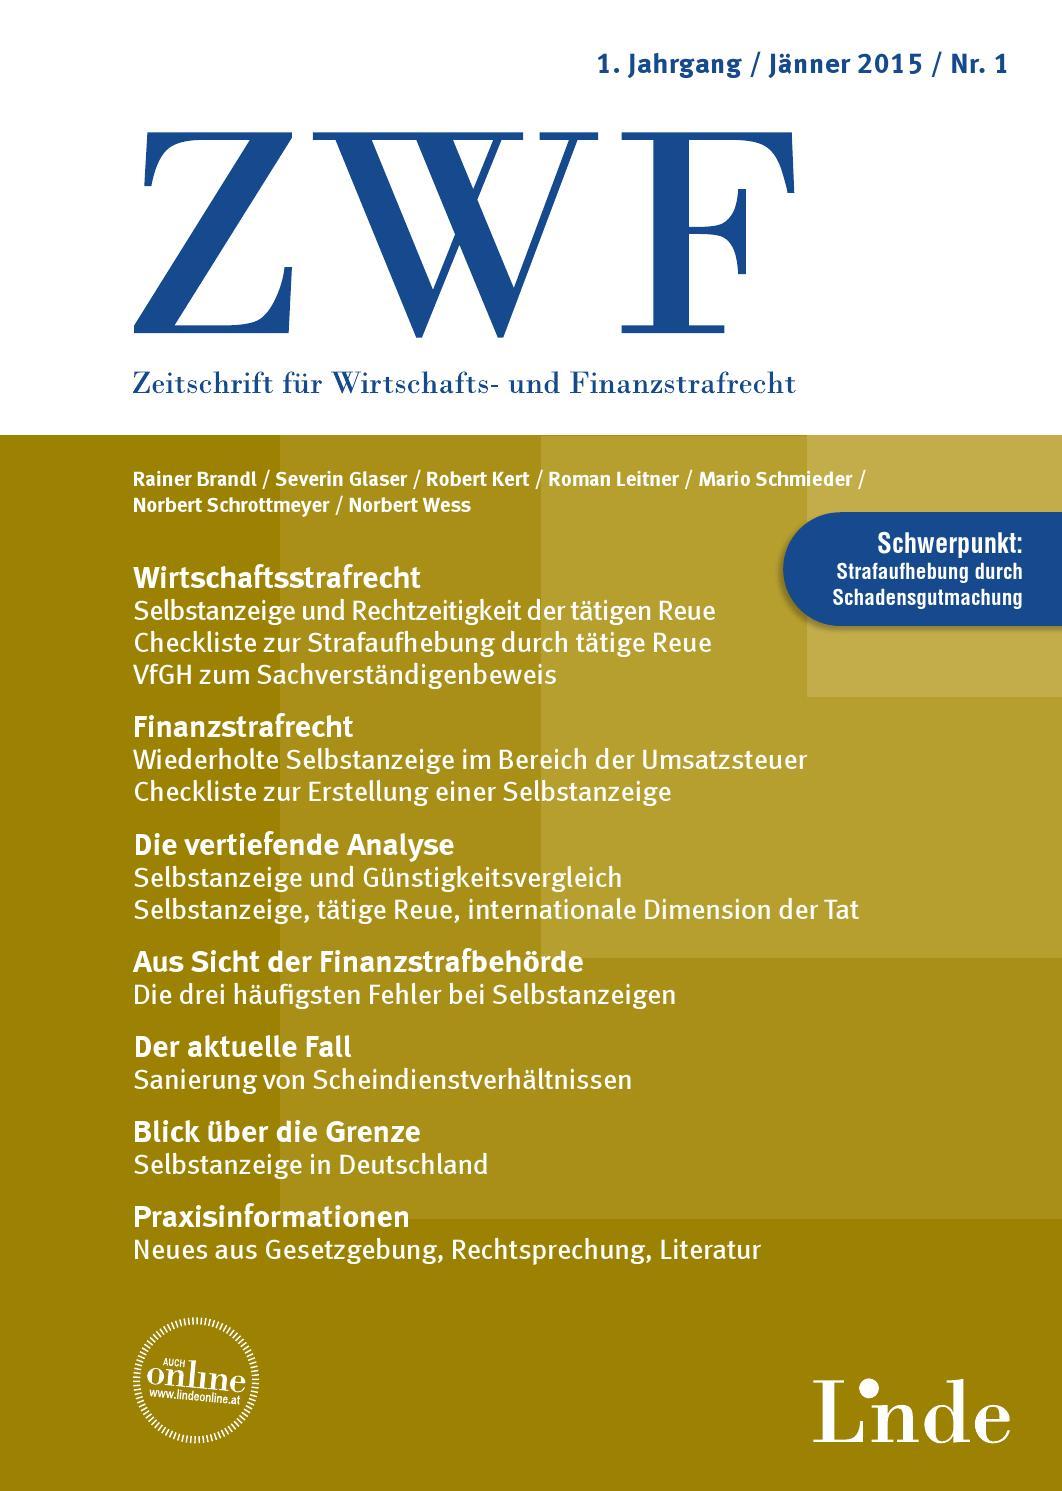 ZWF Heft 1 2015 by Linde Verlag GmbH - issuu